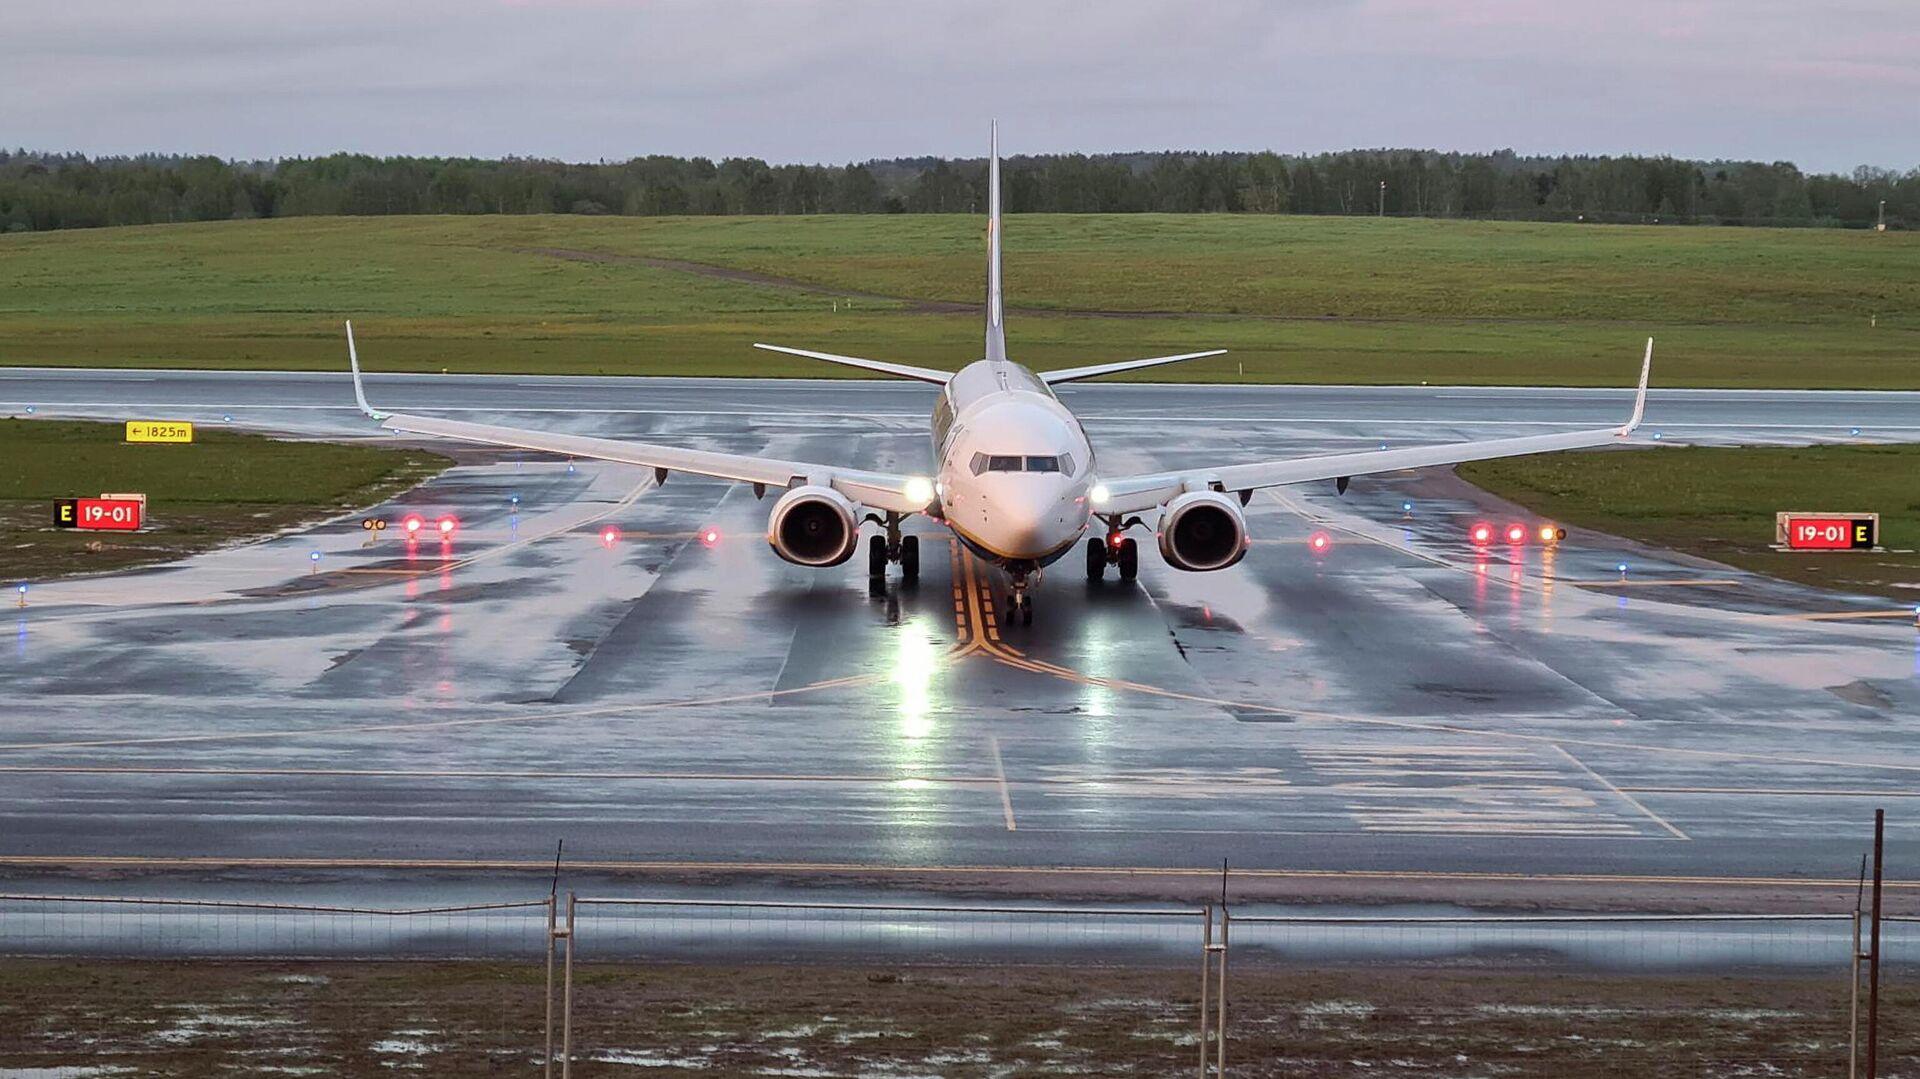 В МИД Китая прокомментировали инцидент с самолетом Ryanair в Белоруссии